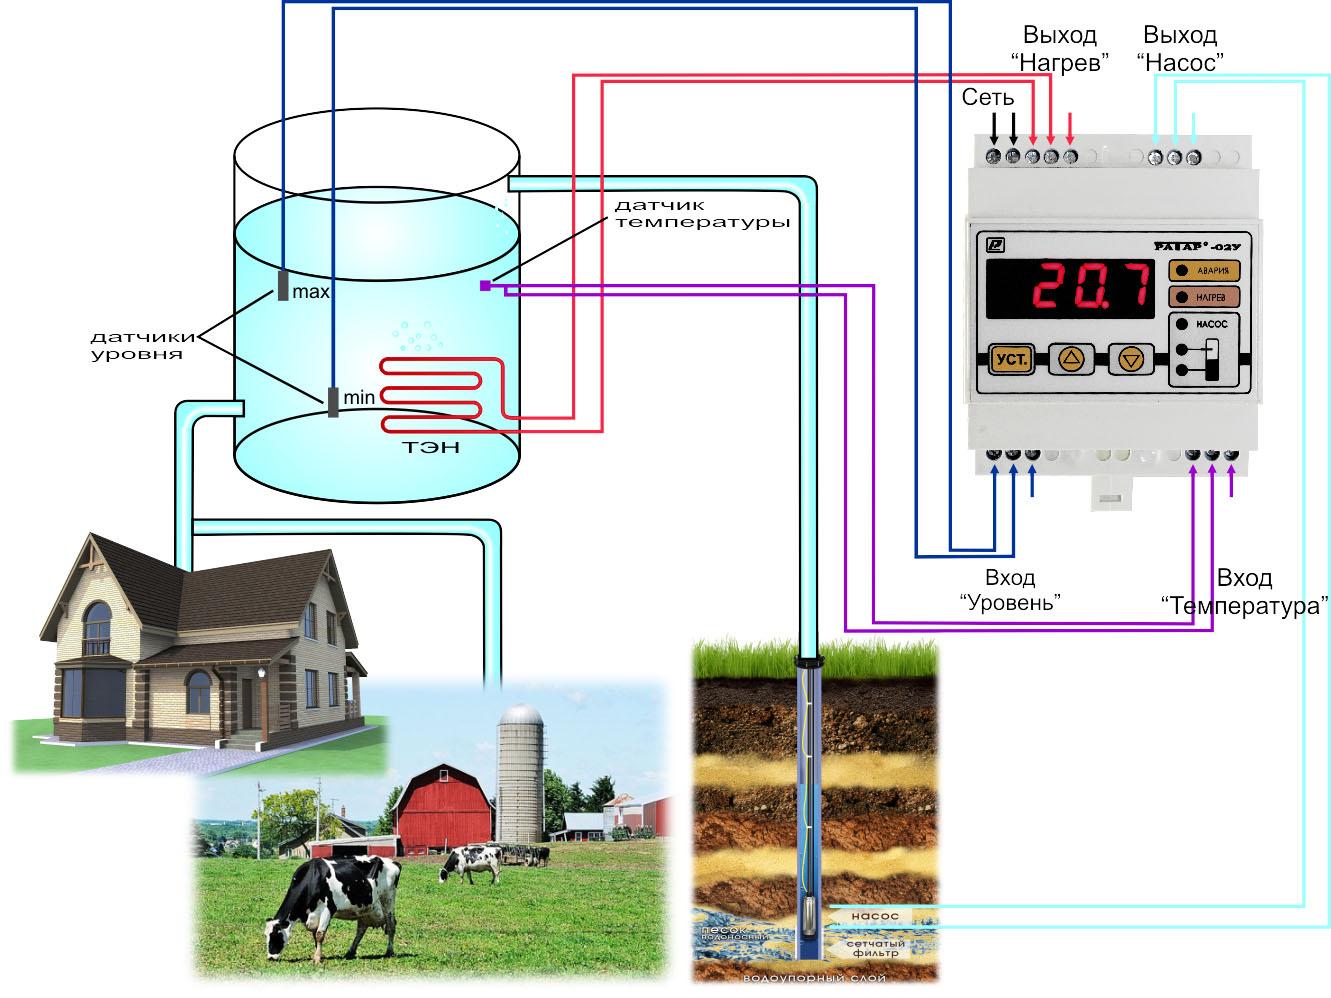 Автоматизация горячего водоснабжения на даче, загародном доме с помощью терморегулятора Ратар-02У